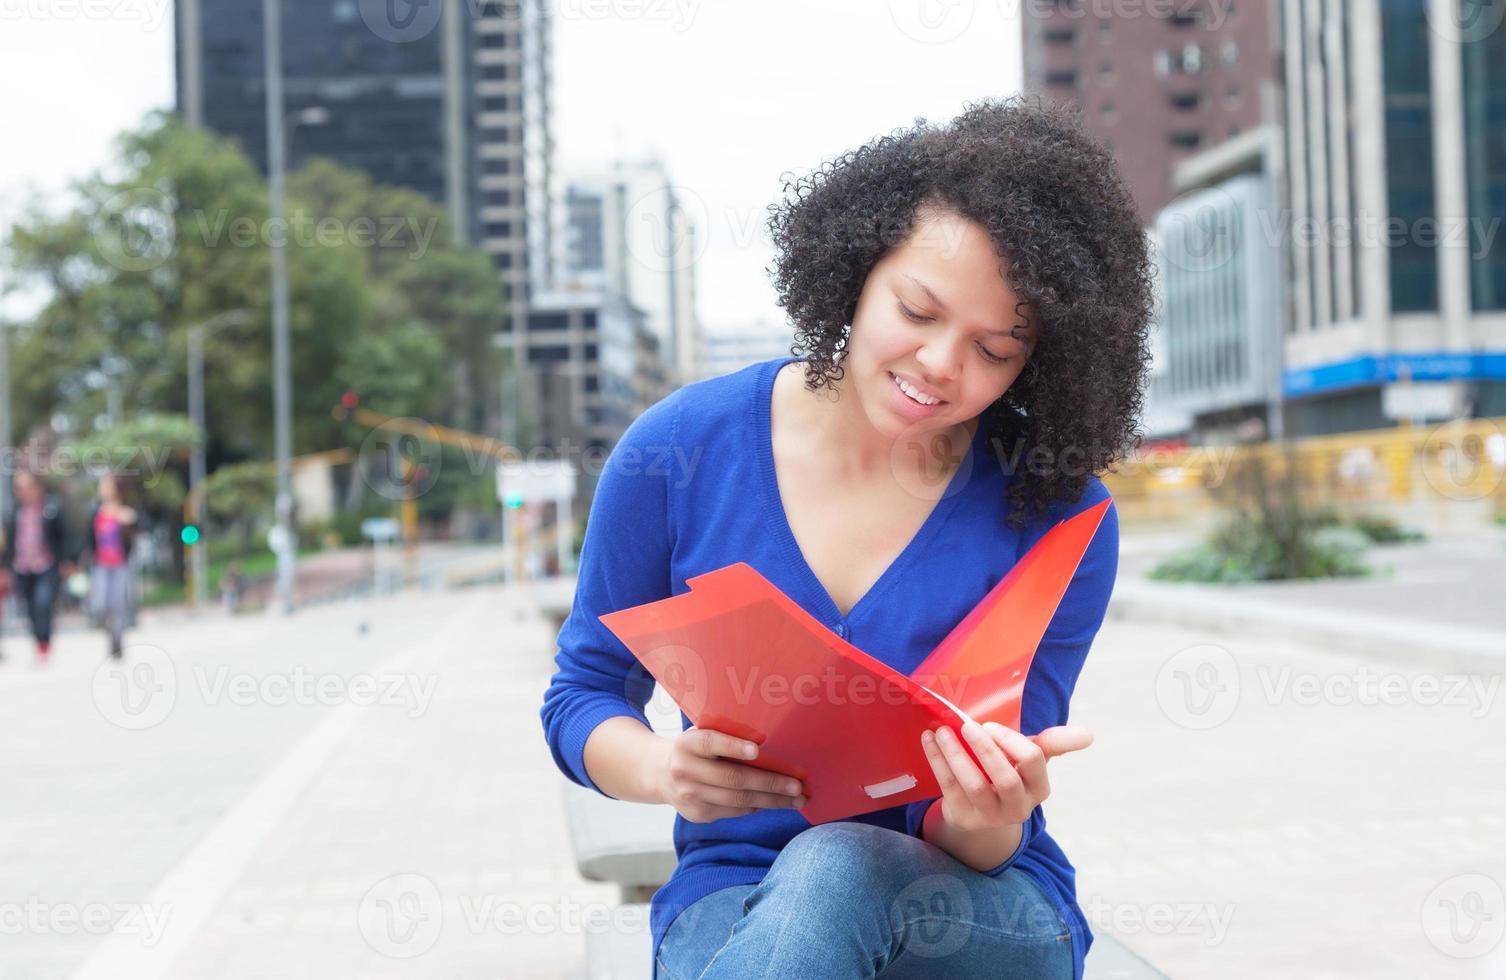 Latein Student mit lockigem Haar Lesedokument in der Stadt foto